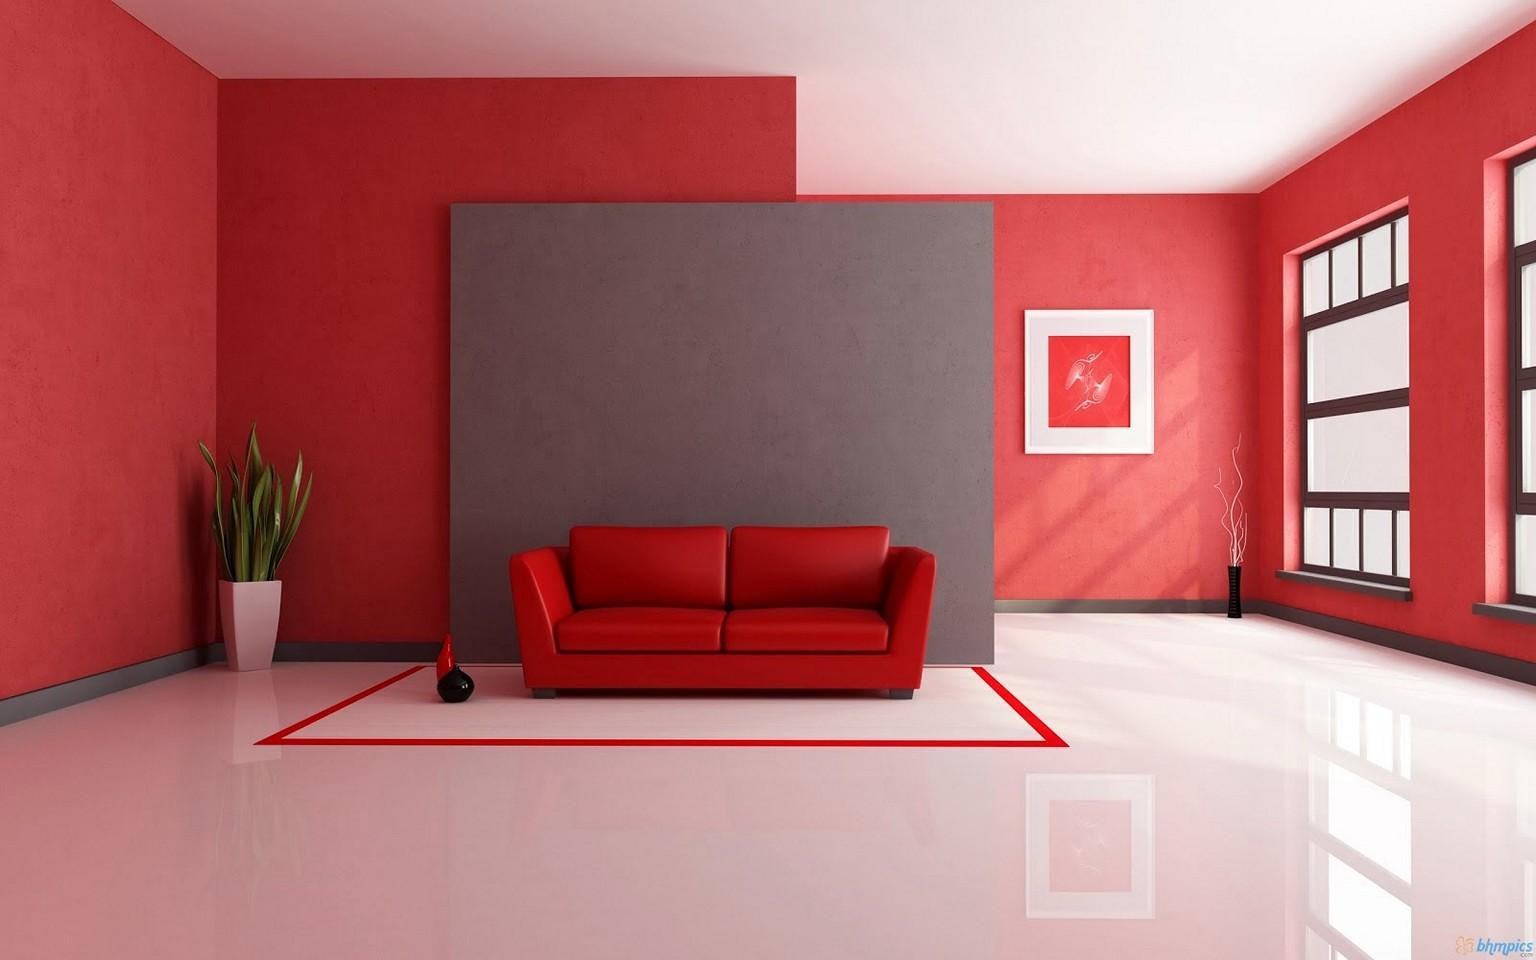 Röd lädersoffa i ett vardagsrum